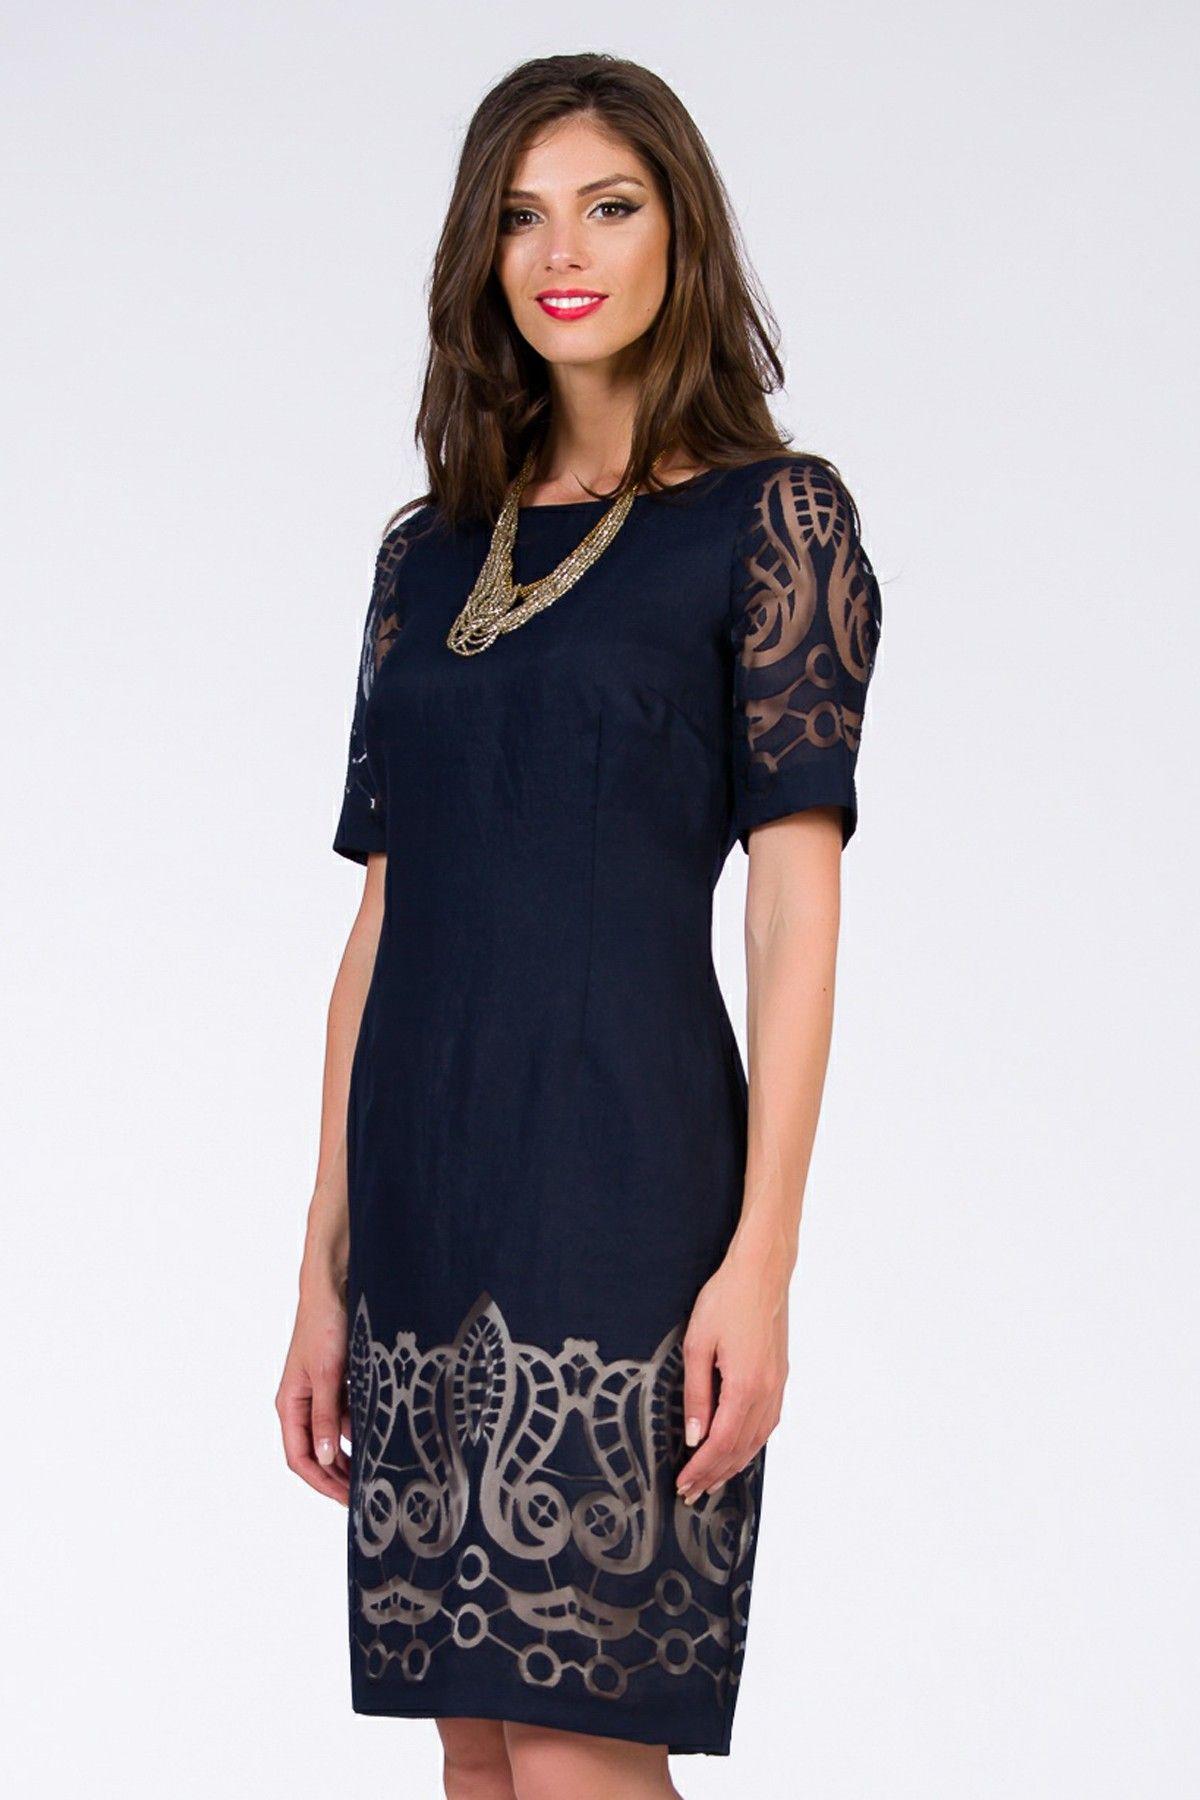 preț competitiv preț competitiv nou ridicat Sarbatorile de iarna sunt prilejul asteptat pentru a purta rochii ...